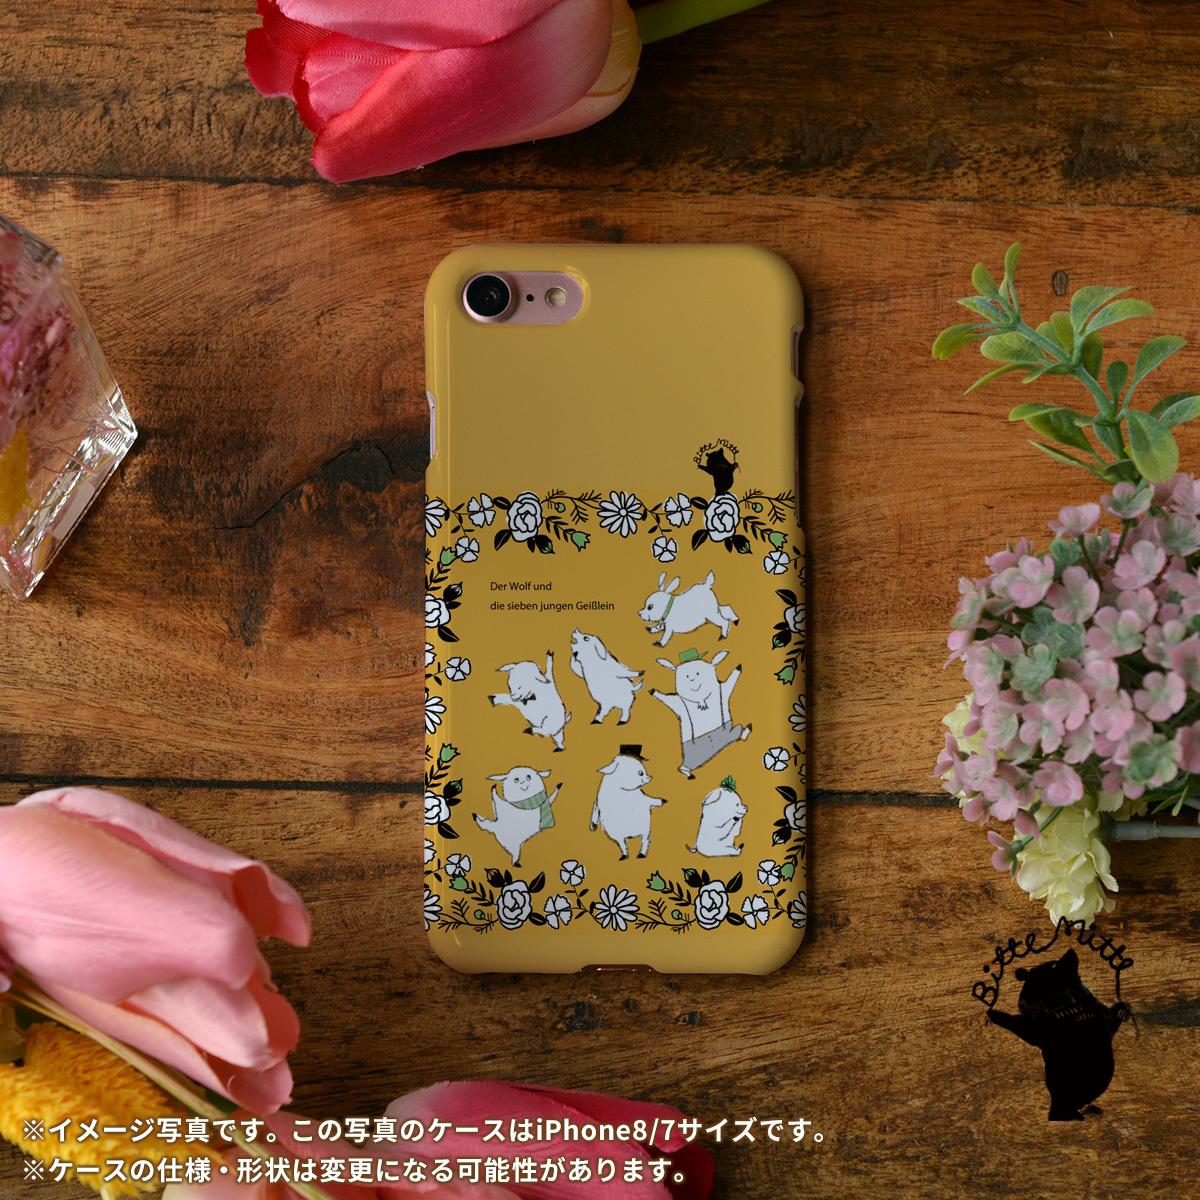 iphone8 ハードケース おしゃれ iphone8 ハードケース シンプル iphone7 ケース かわいい 山羊 ボタニカル 花 七匹のコヤギと花畑/Bitte Mitte!